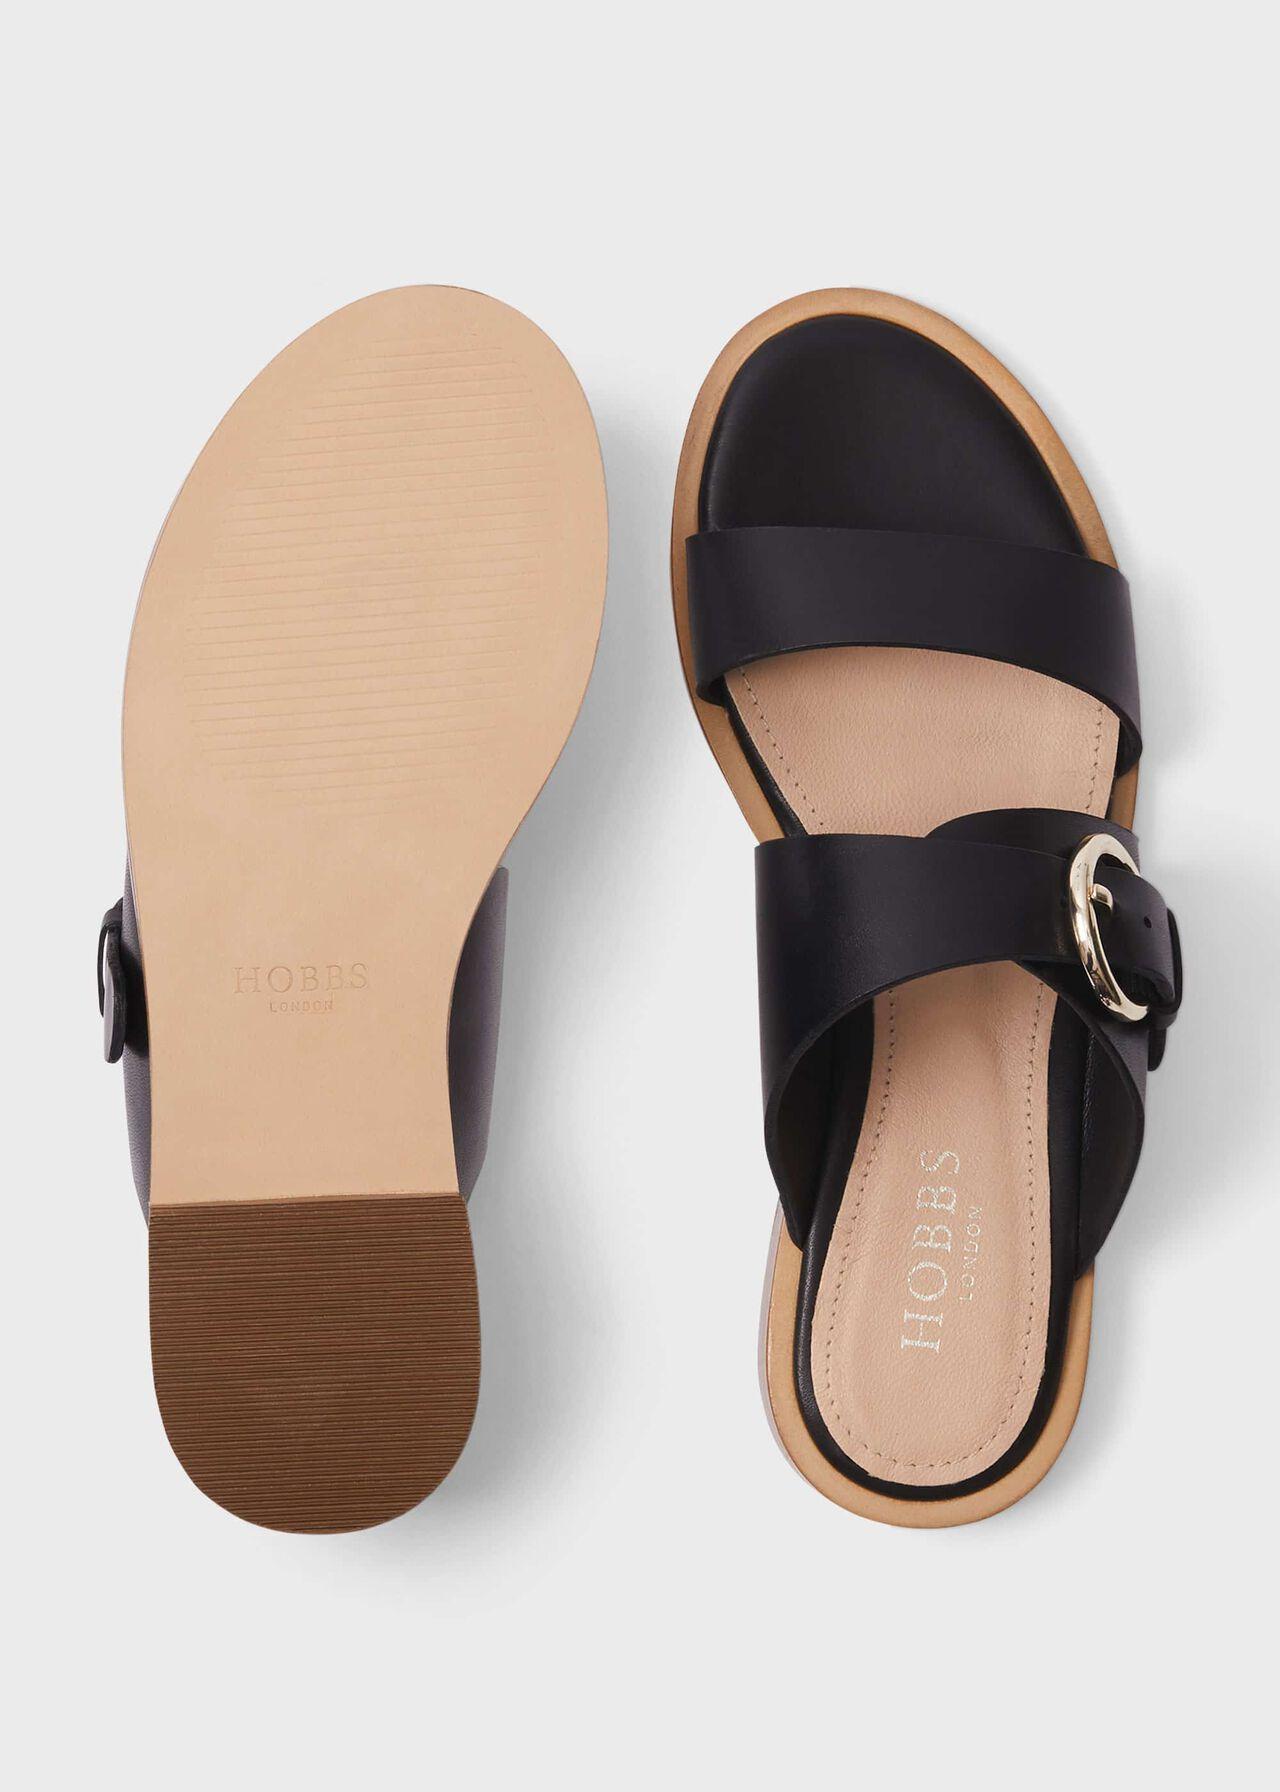 Sienna Leather Sandals , Black, hi-res